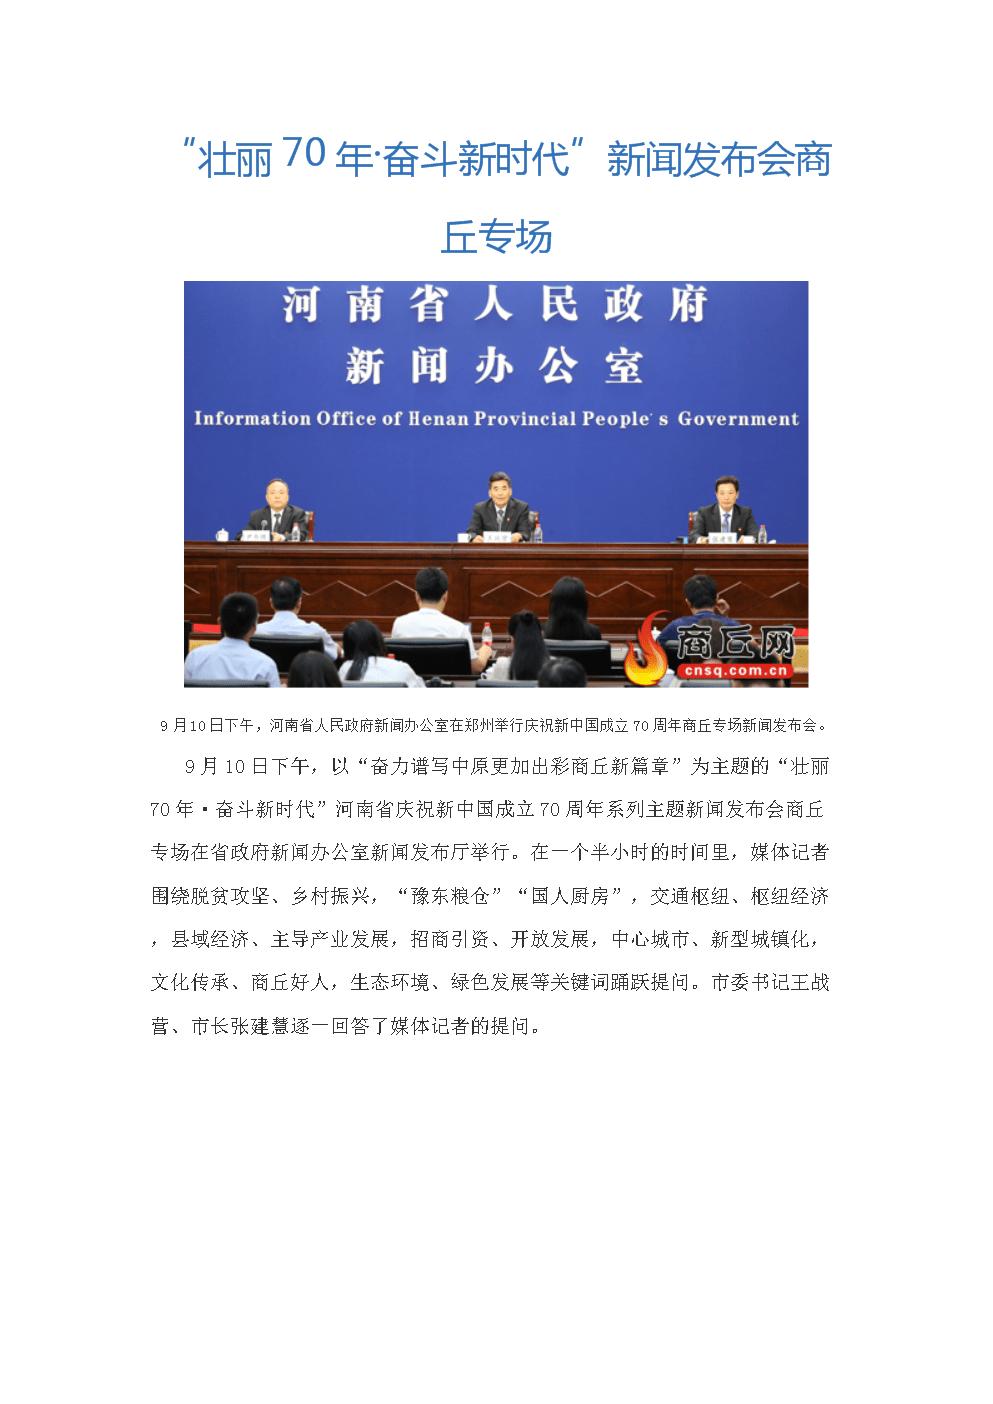 """【商丘日报】""""壮丽70年·奋斗新时代""""新闻发布会商丘专场.docx"""